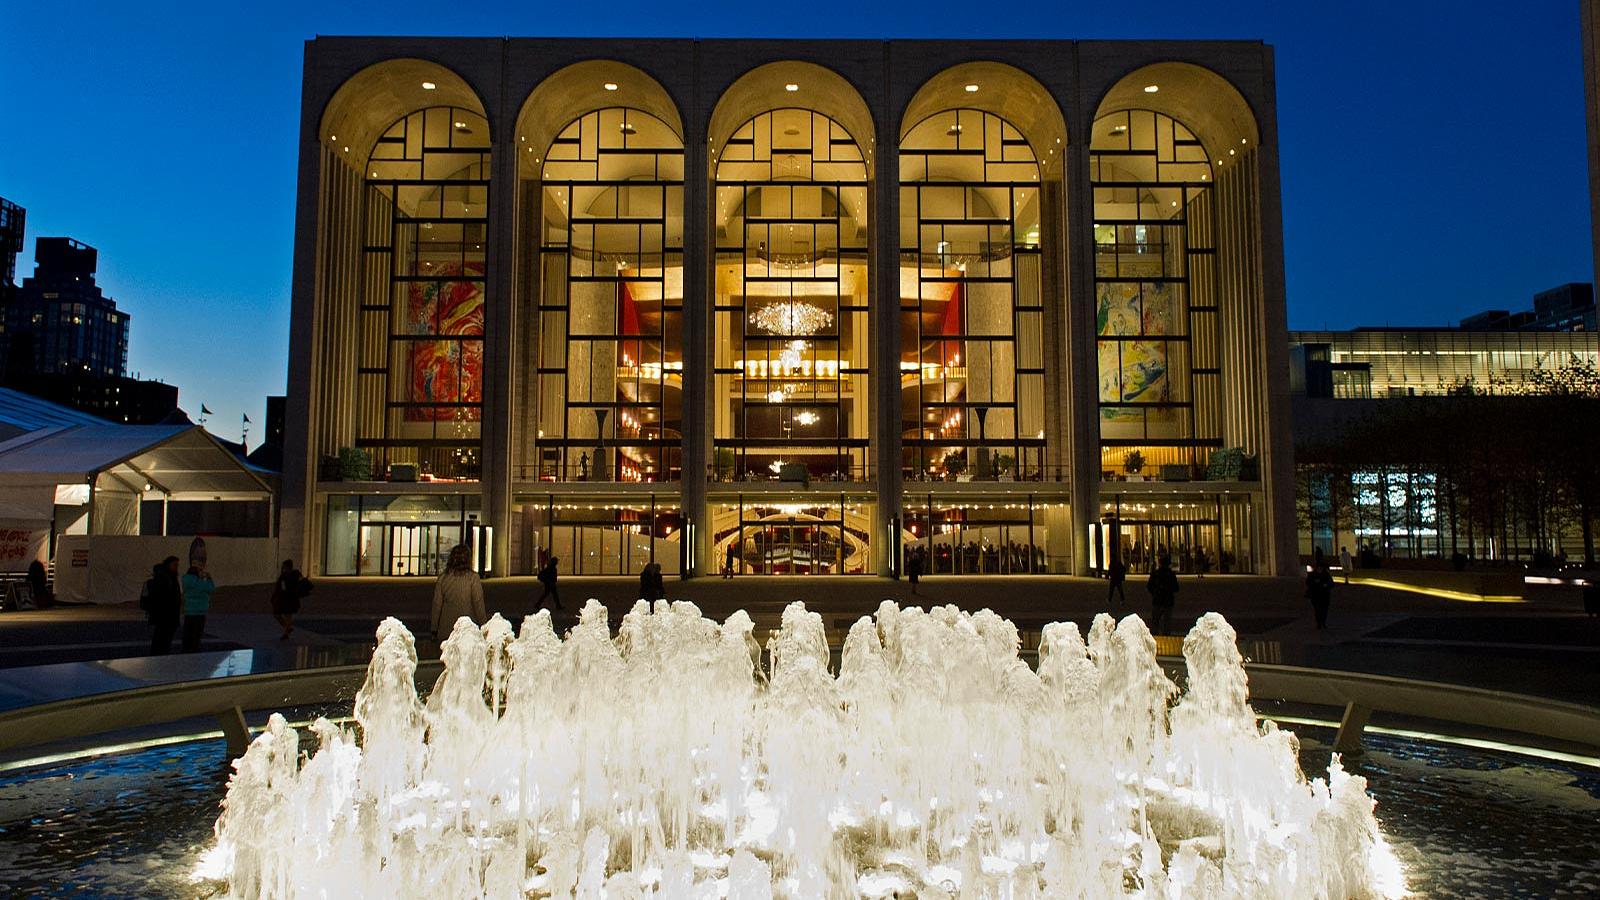 A New York-i Metropolitan Operaház lemondta az egész szezont